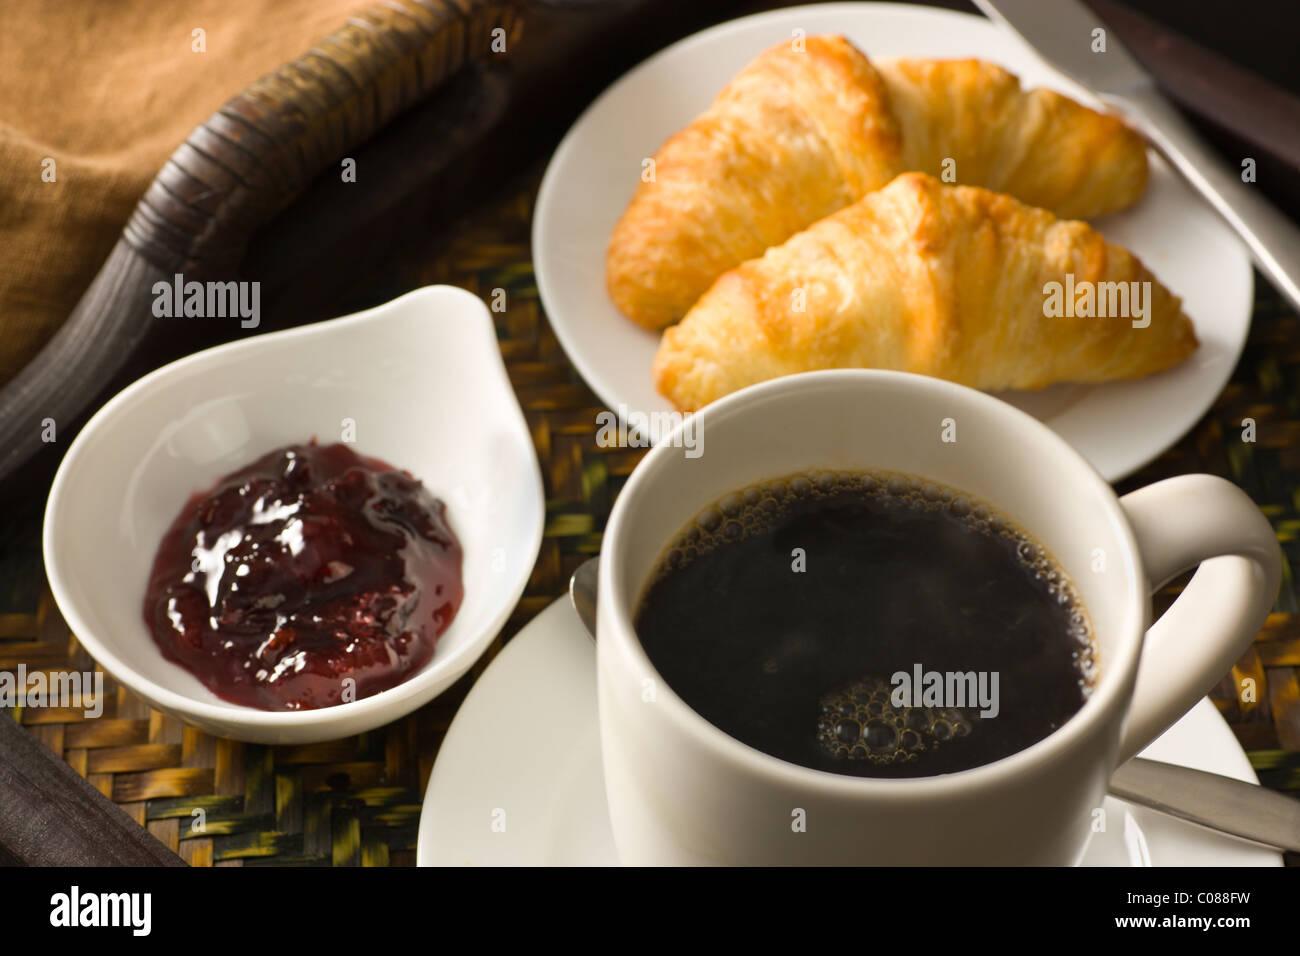 Ein Tablett mit Croissants, Marmelade und eine Tasse heißen schwarzen Kaffee Stockbild